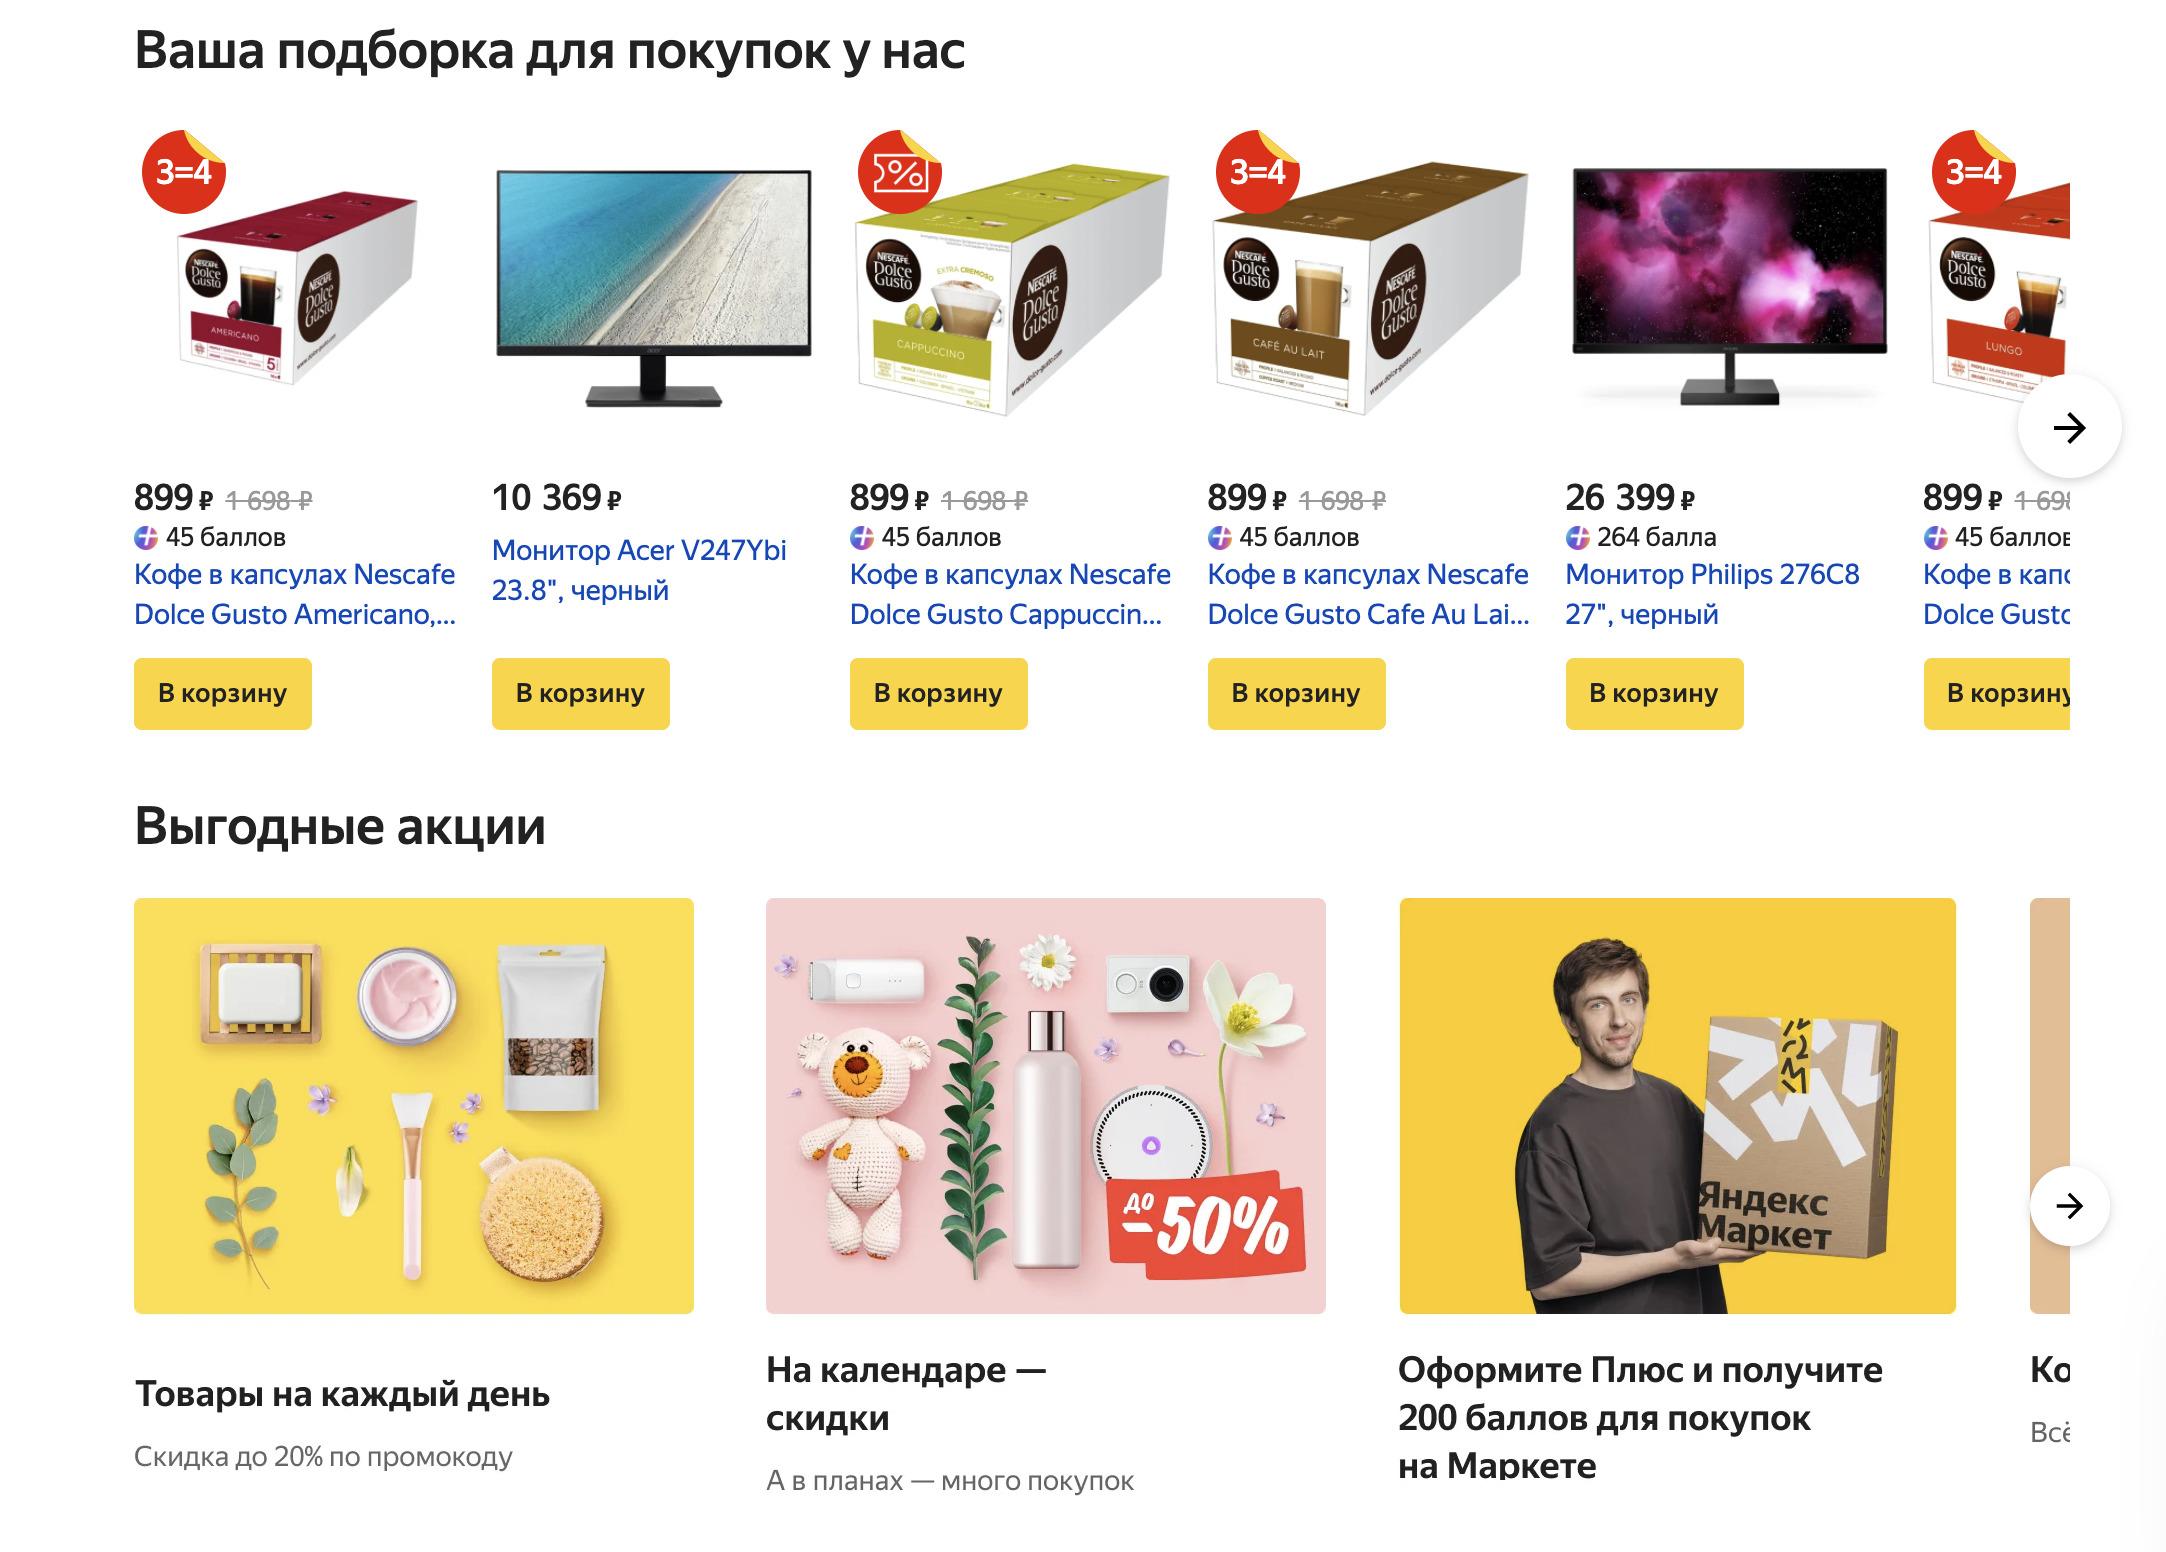 Доставка из Яндекс.Маркет в Самарскую область, сроки, пункты выдачи, каталог